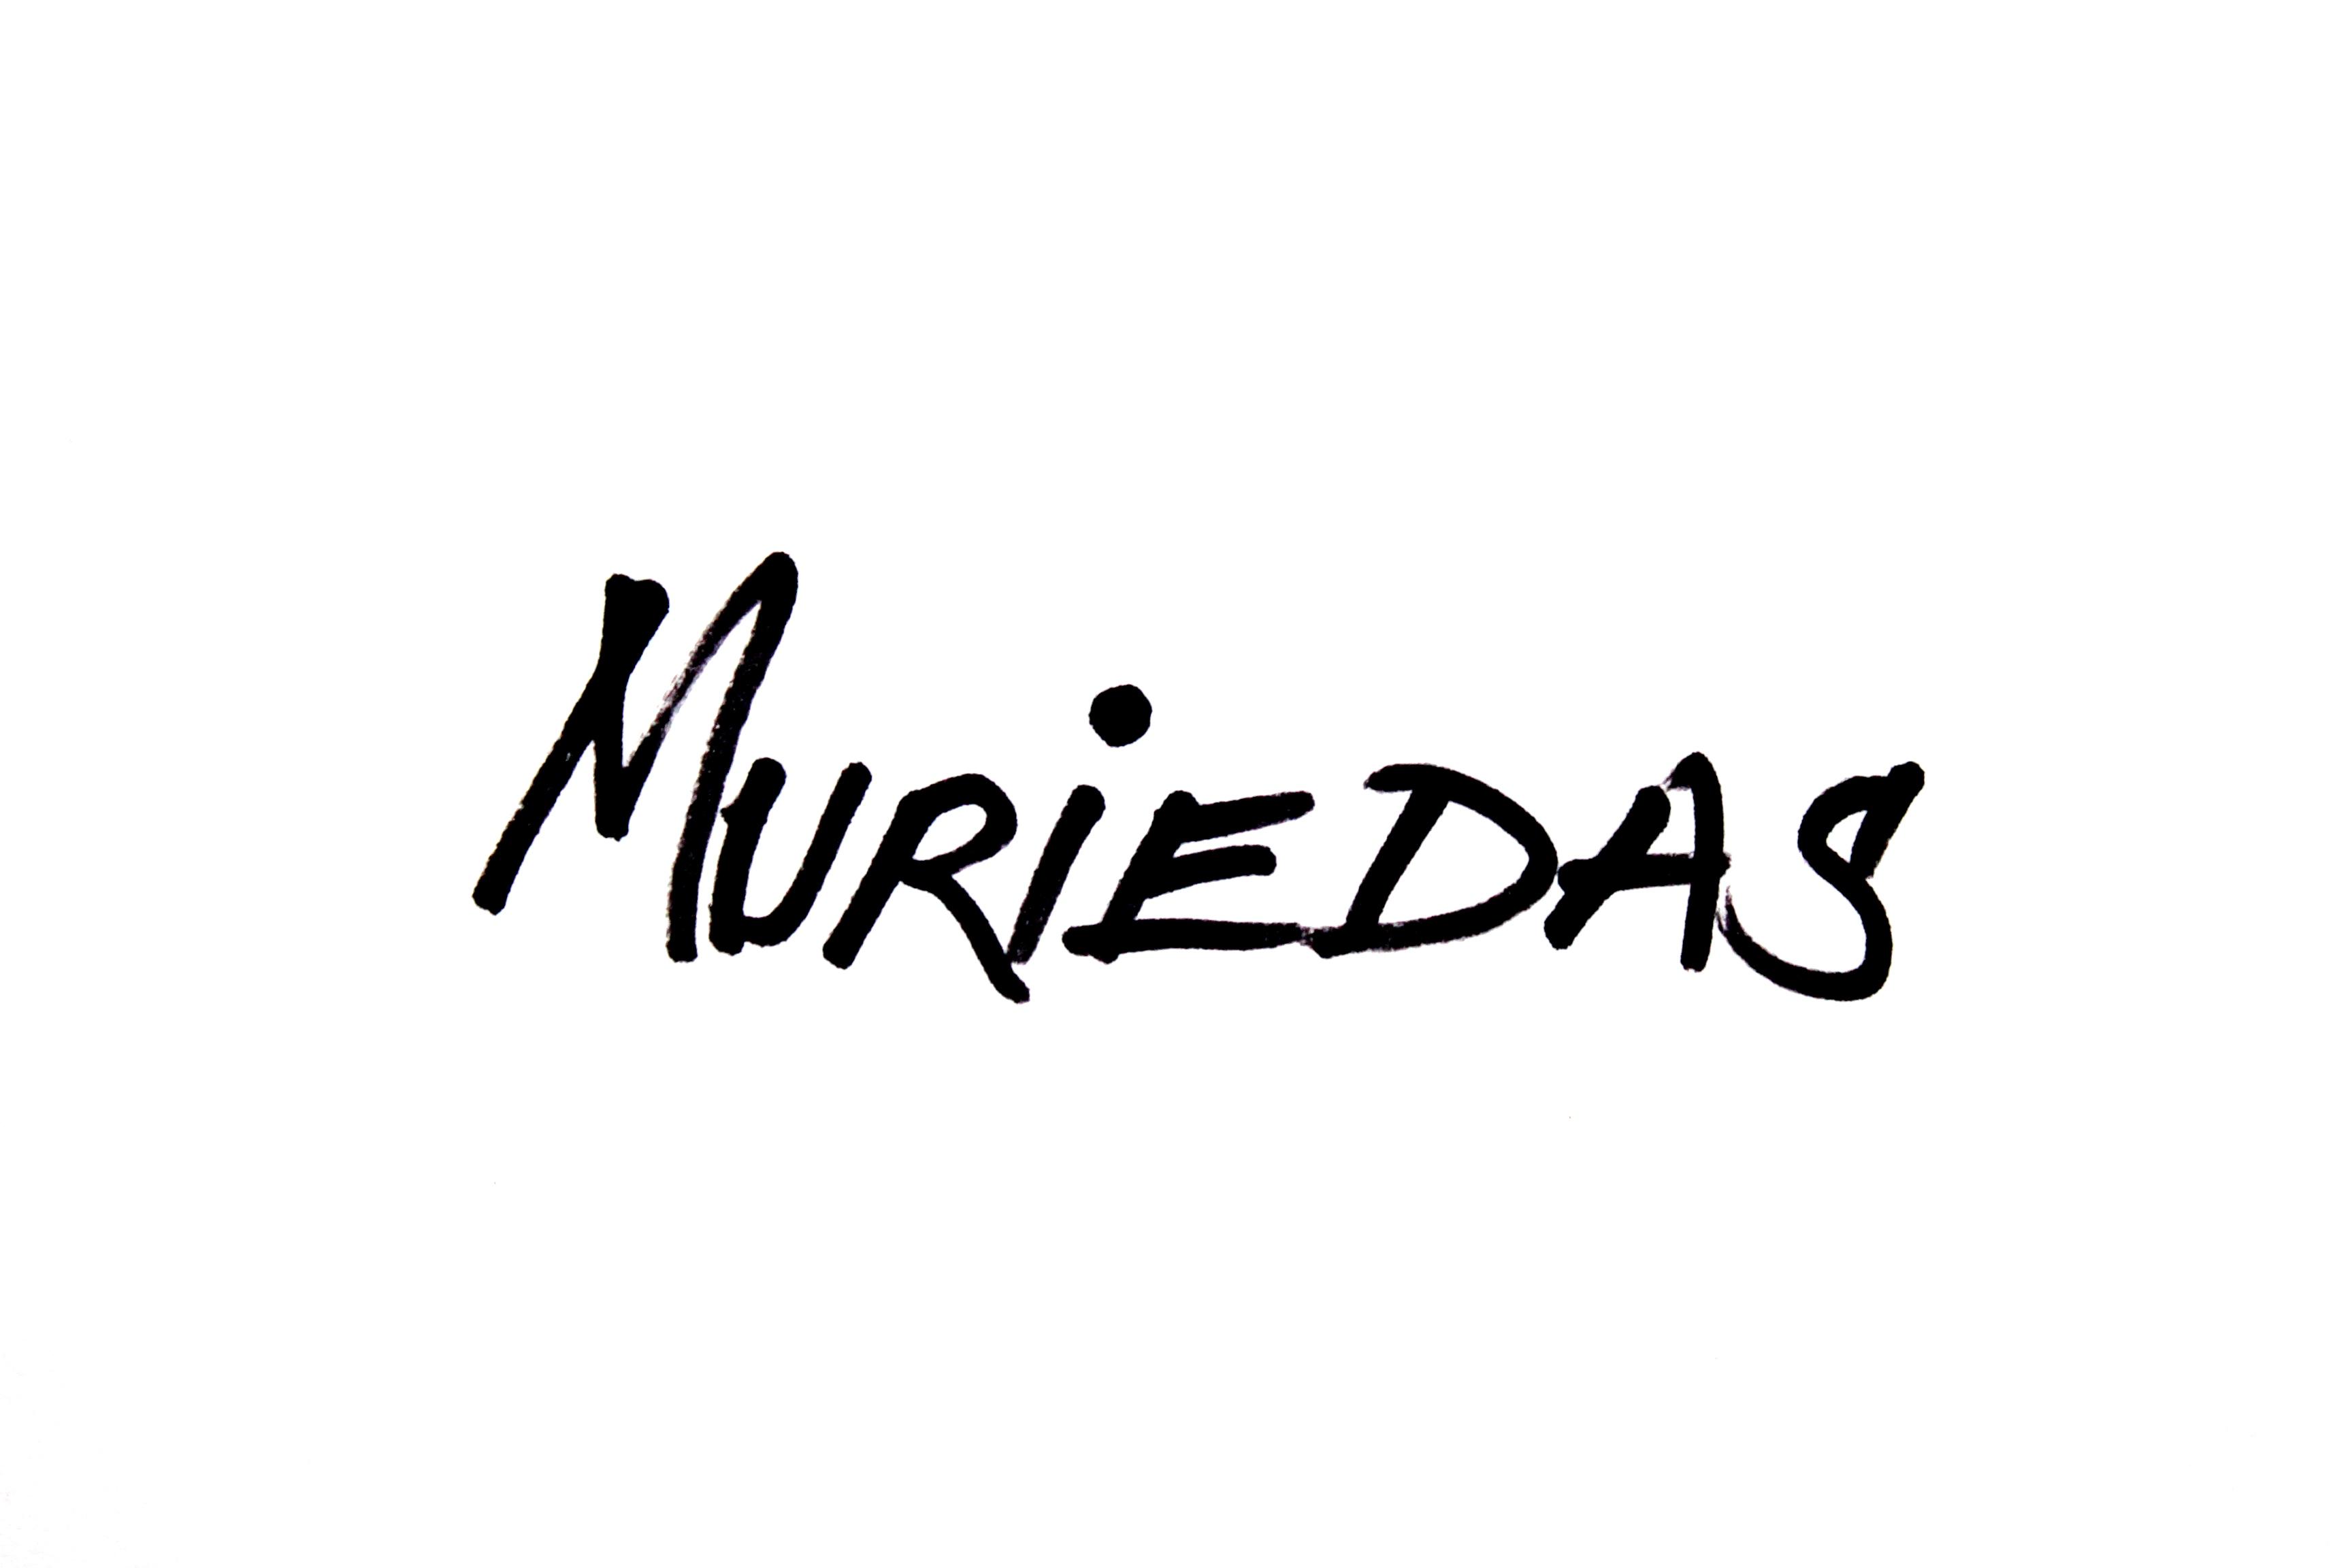 Lorenzo Muriedas Signature